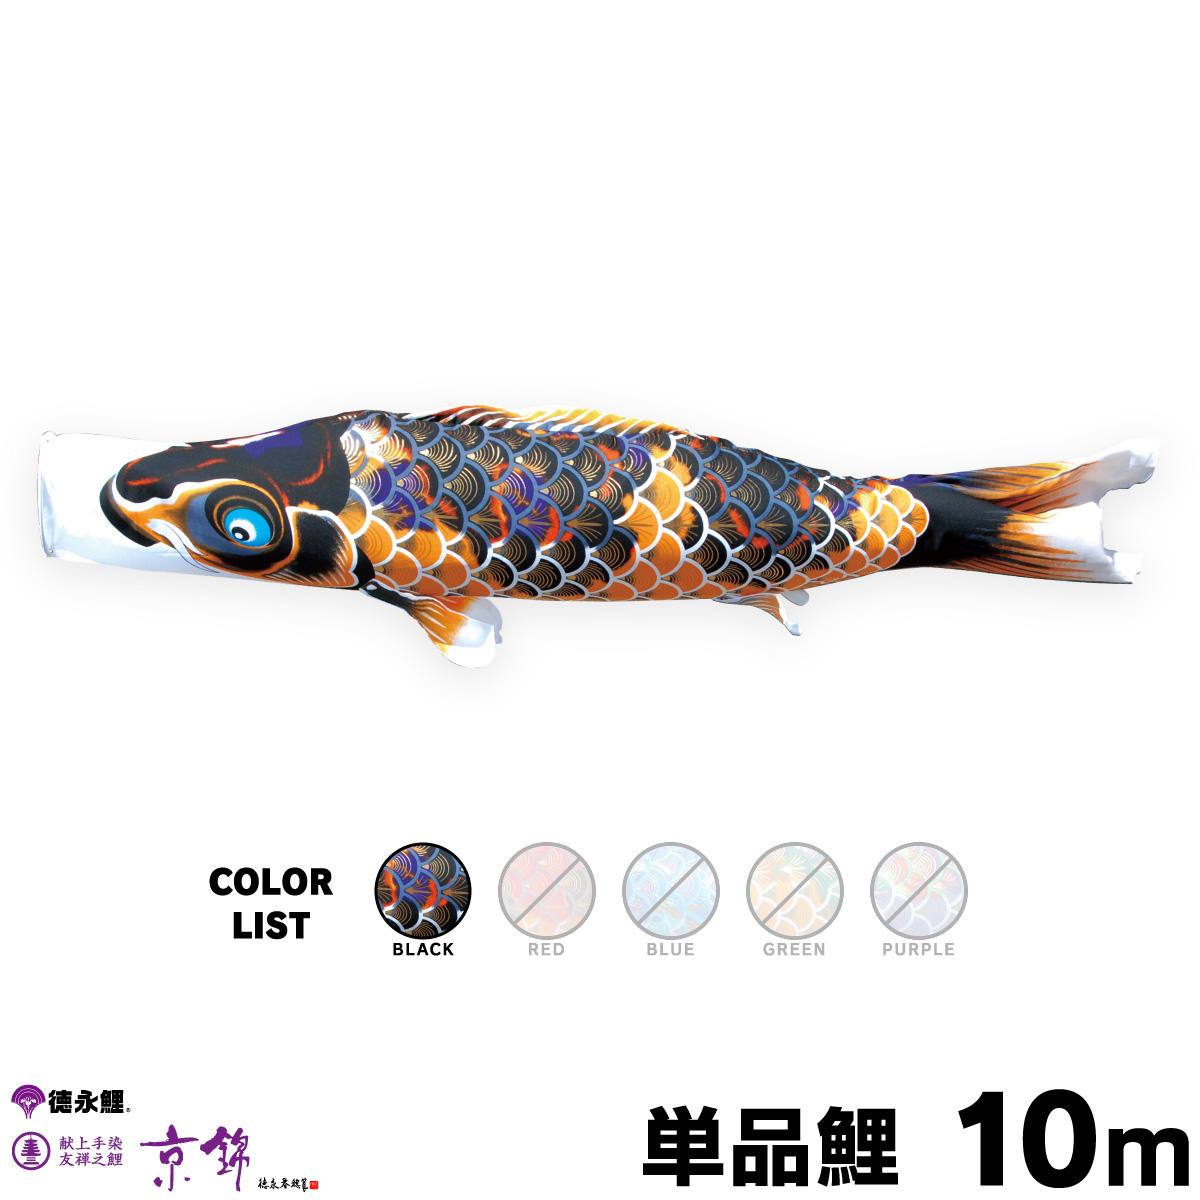 【こいのぼり 単品】 京錦 10m 単品鯉 黒